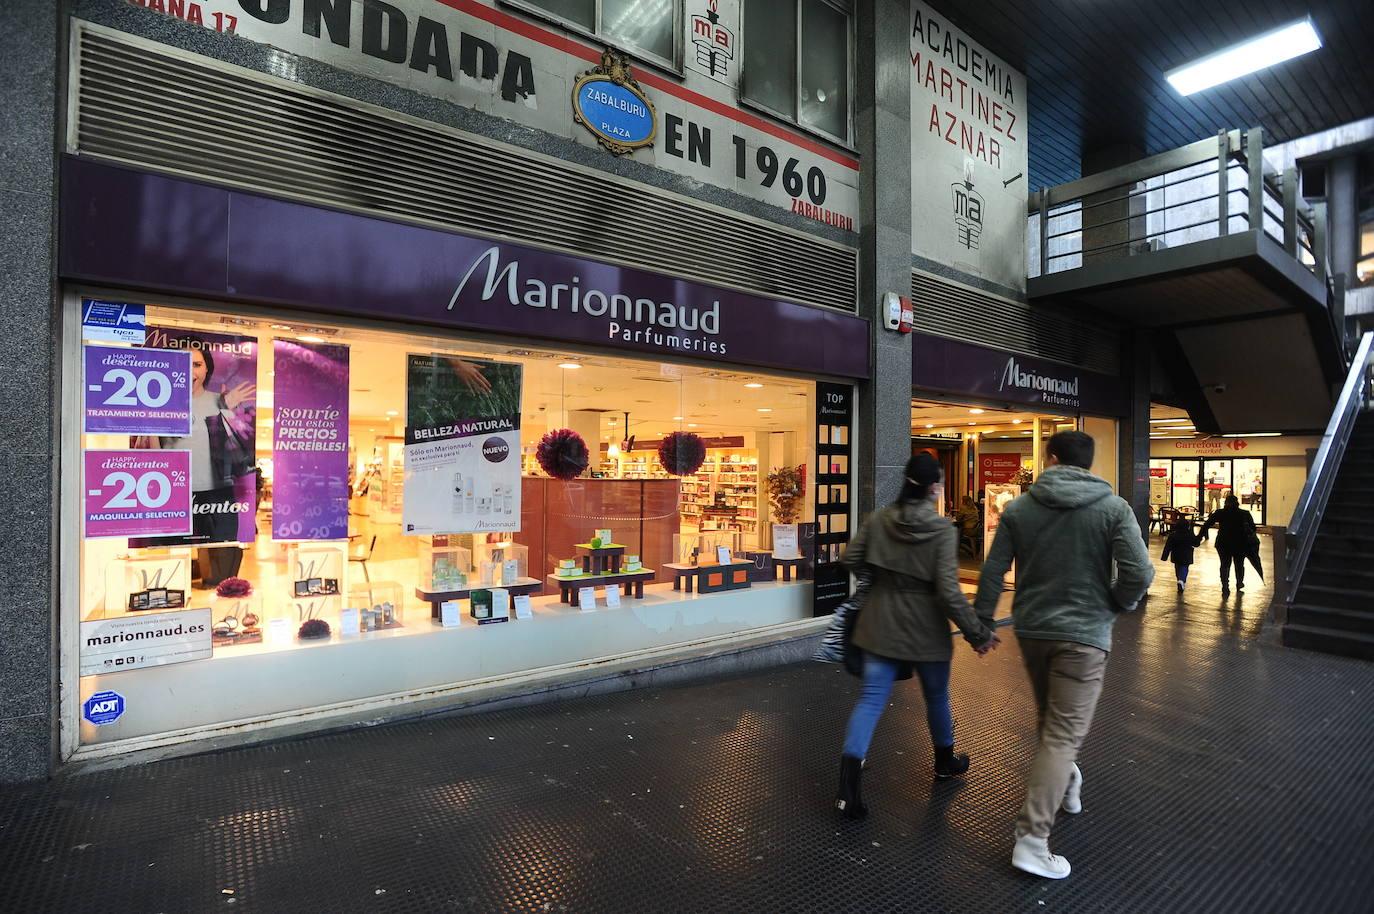 Marionnaud cerrará en enero sus 10 perfumerías vizcaínas y dejará en la calle a más de 50 empleadas